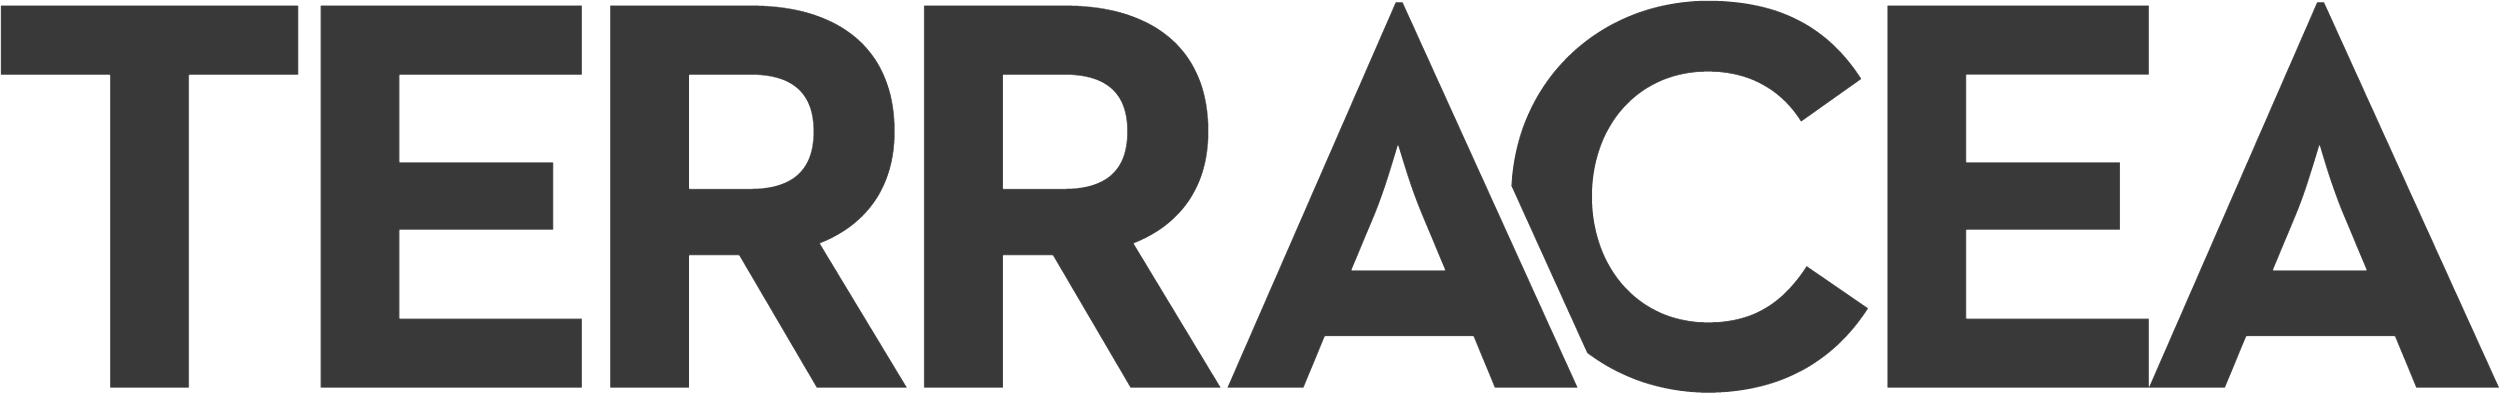 Terracea Logo PNG